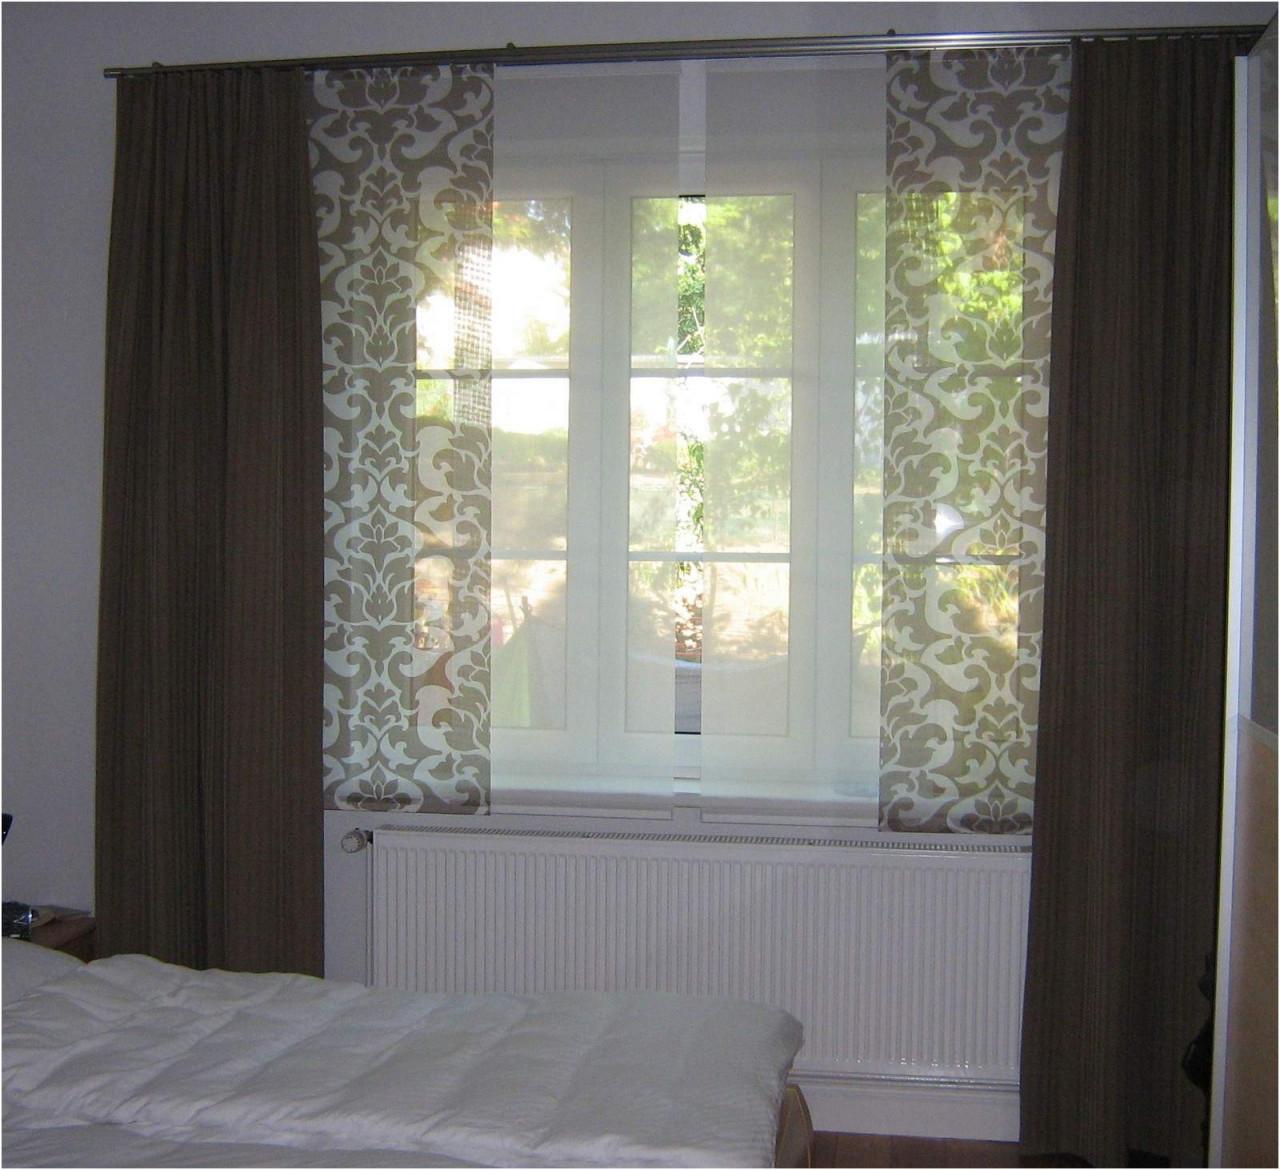 Kurze Gardinen Wohnzimmer Das Beste Von Wohnzimmer Fenster von Kurze Wohnzimmer Gardinen Photo